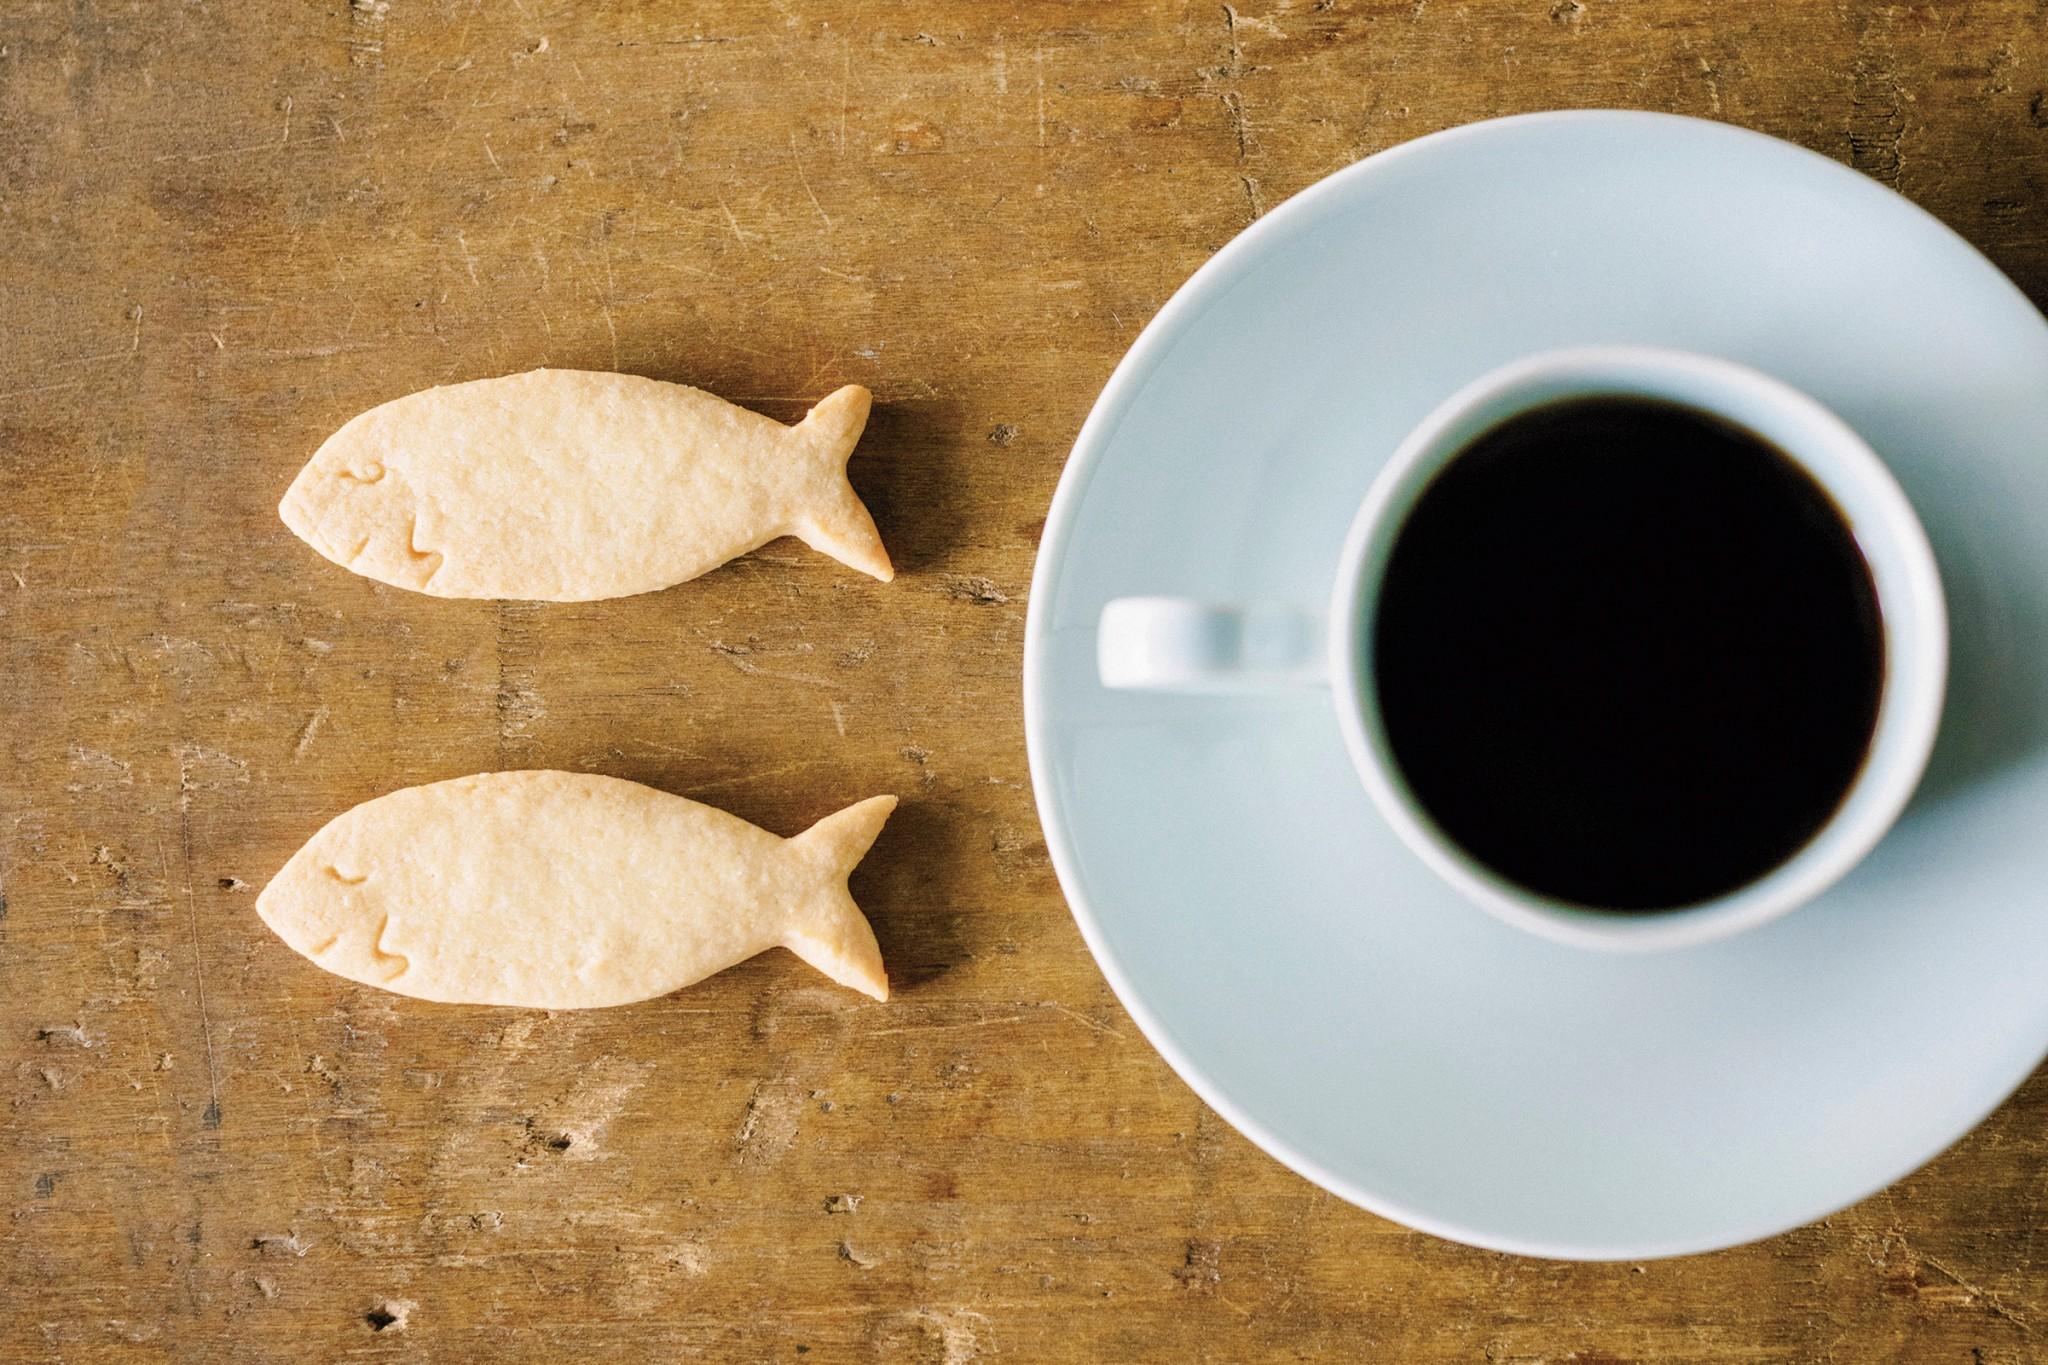 【京都】上京区エリアのおしゃれカフェ&喫茶店6選。カフェ好きも注目するお店へ。